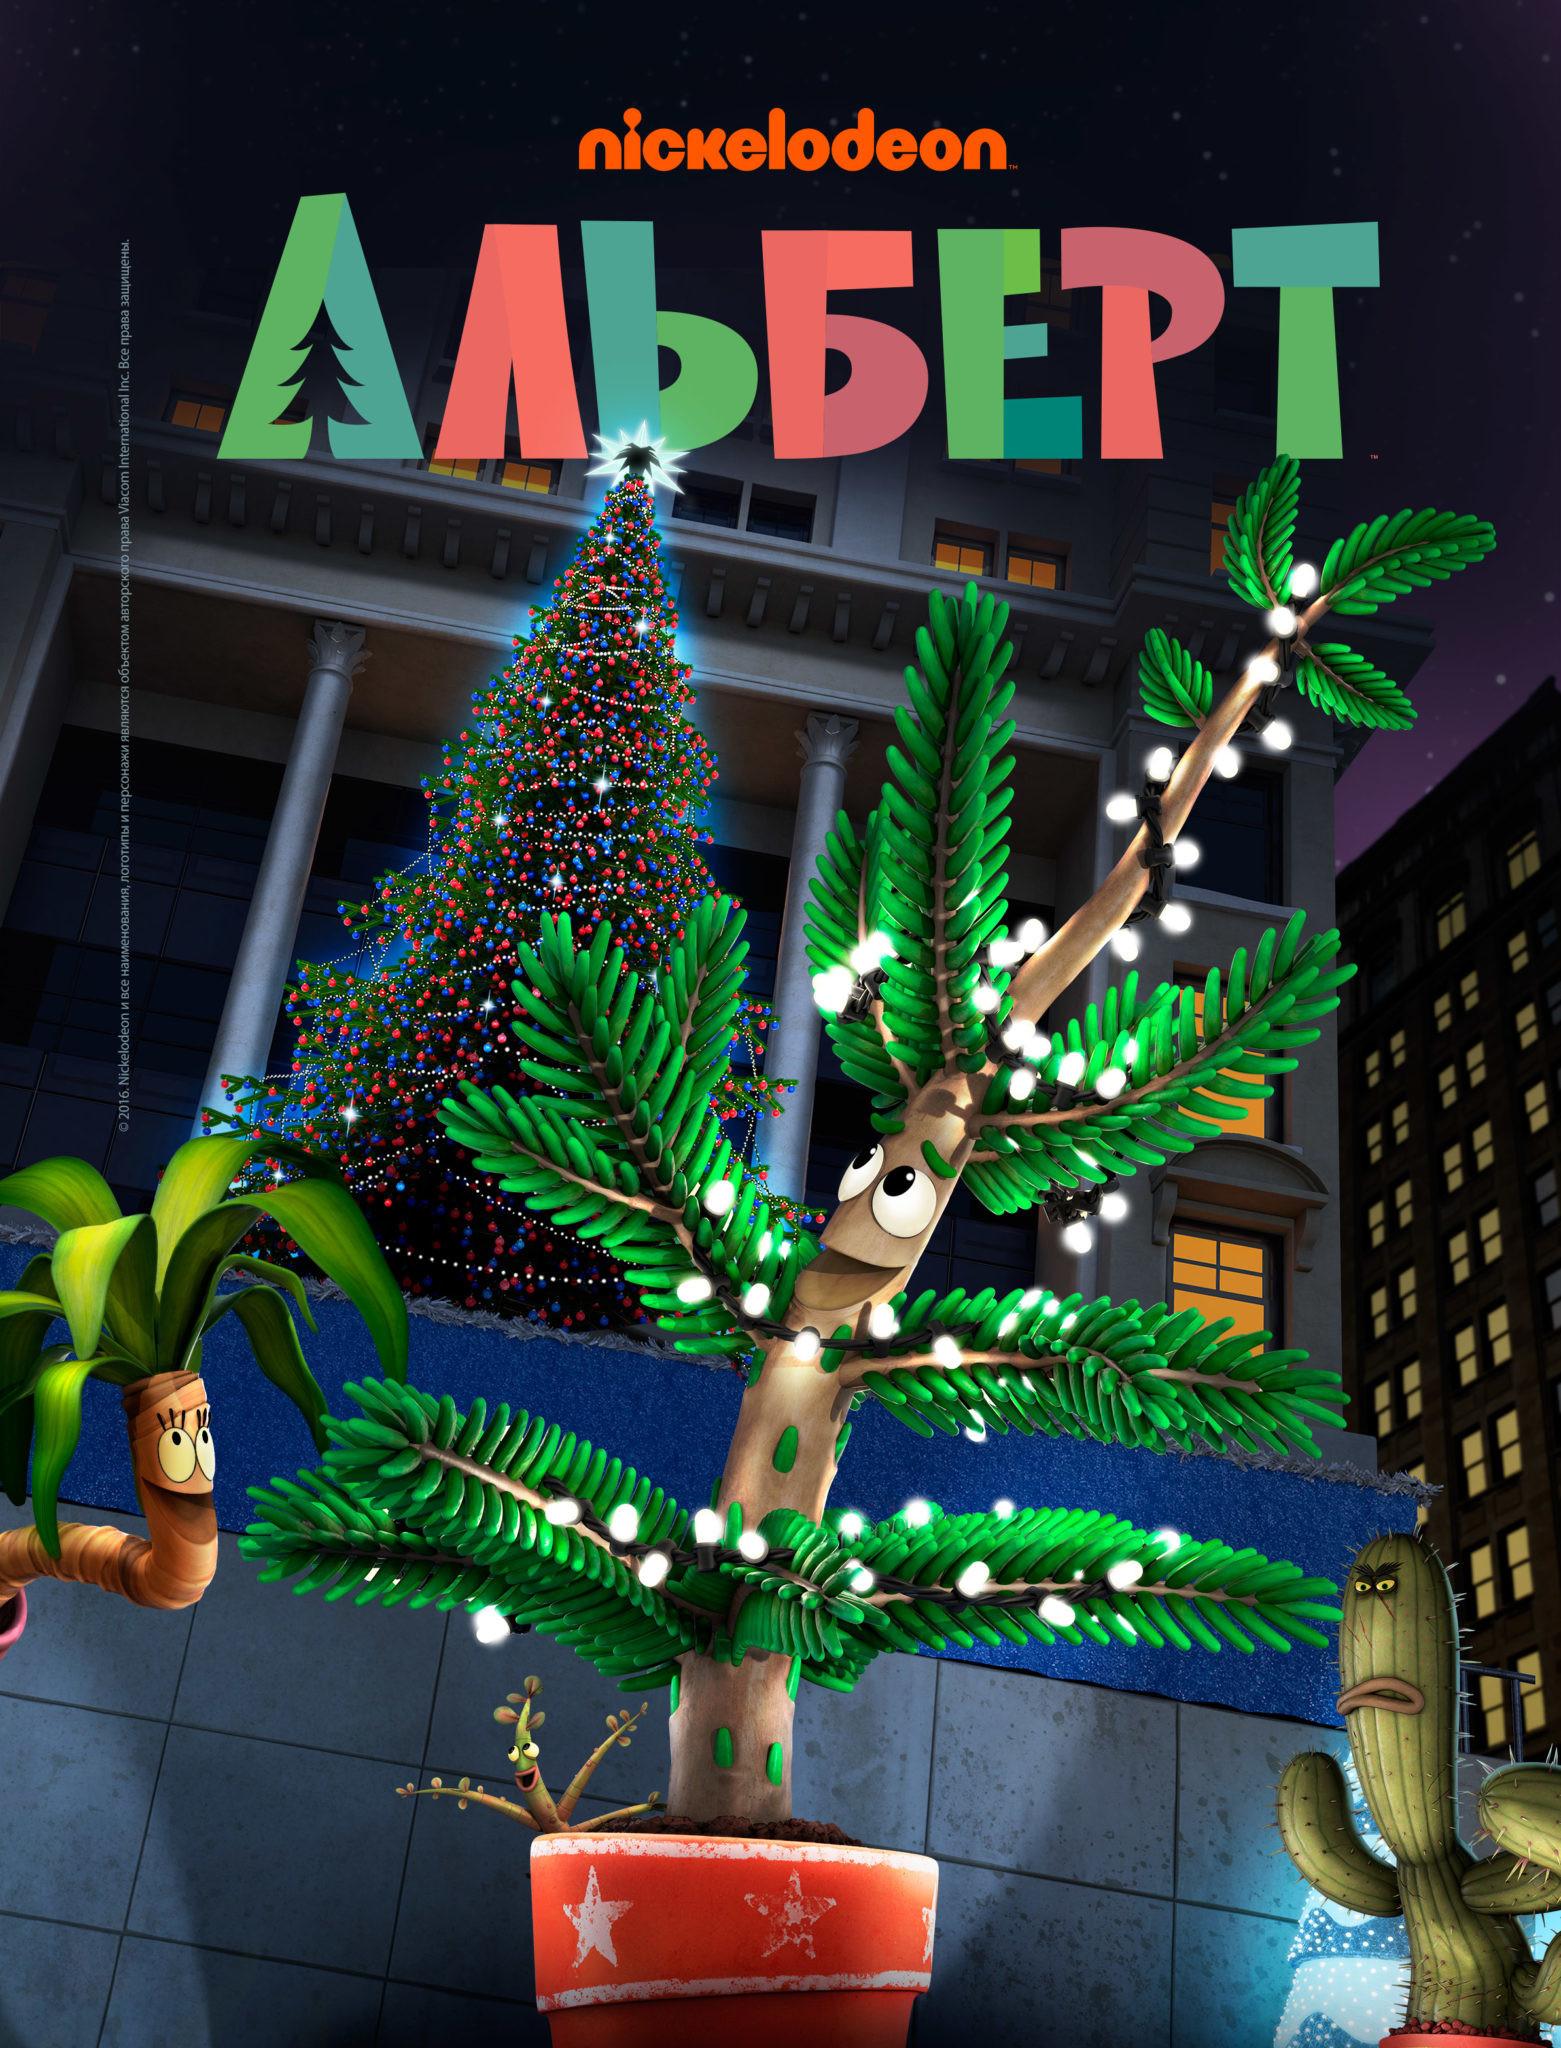 31 декабря новогодняя премьера Nickelodeon соберет вместе всю семью